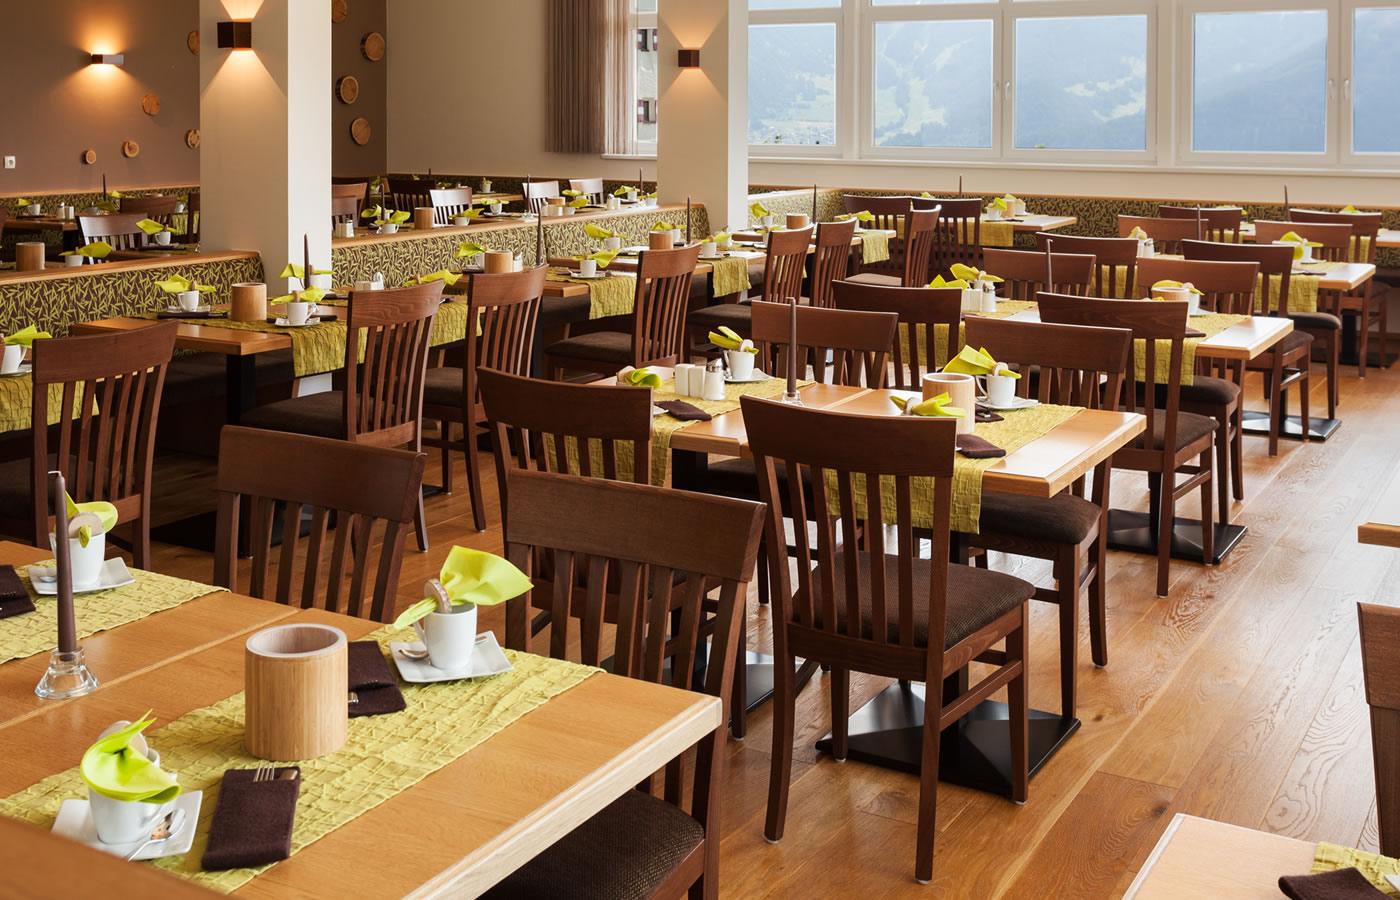 Frühstücksraum im Natürlich. Hotel mit Charakter in SFL - Österreich.